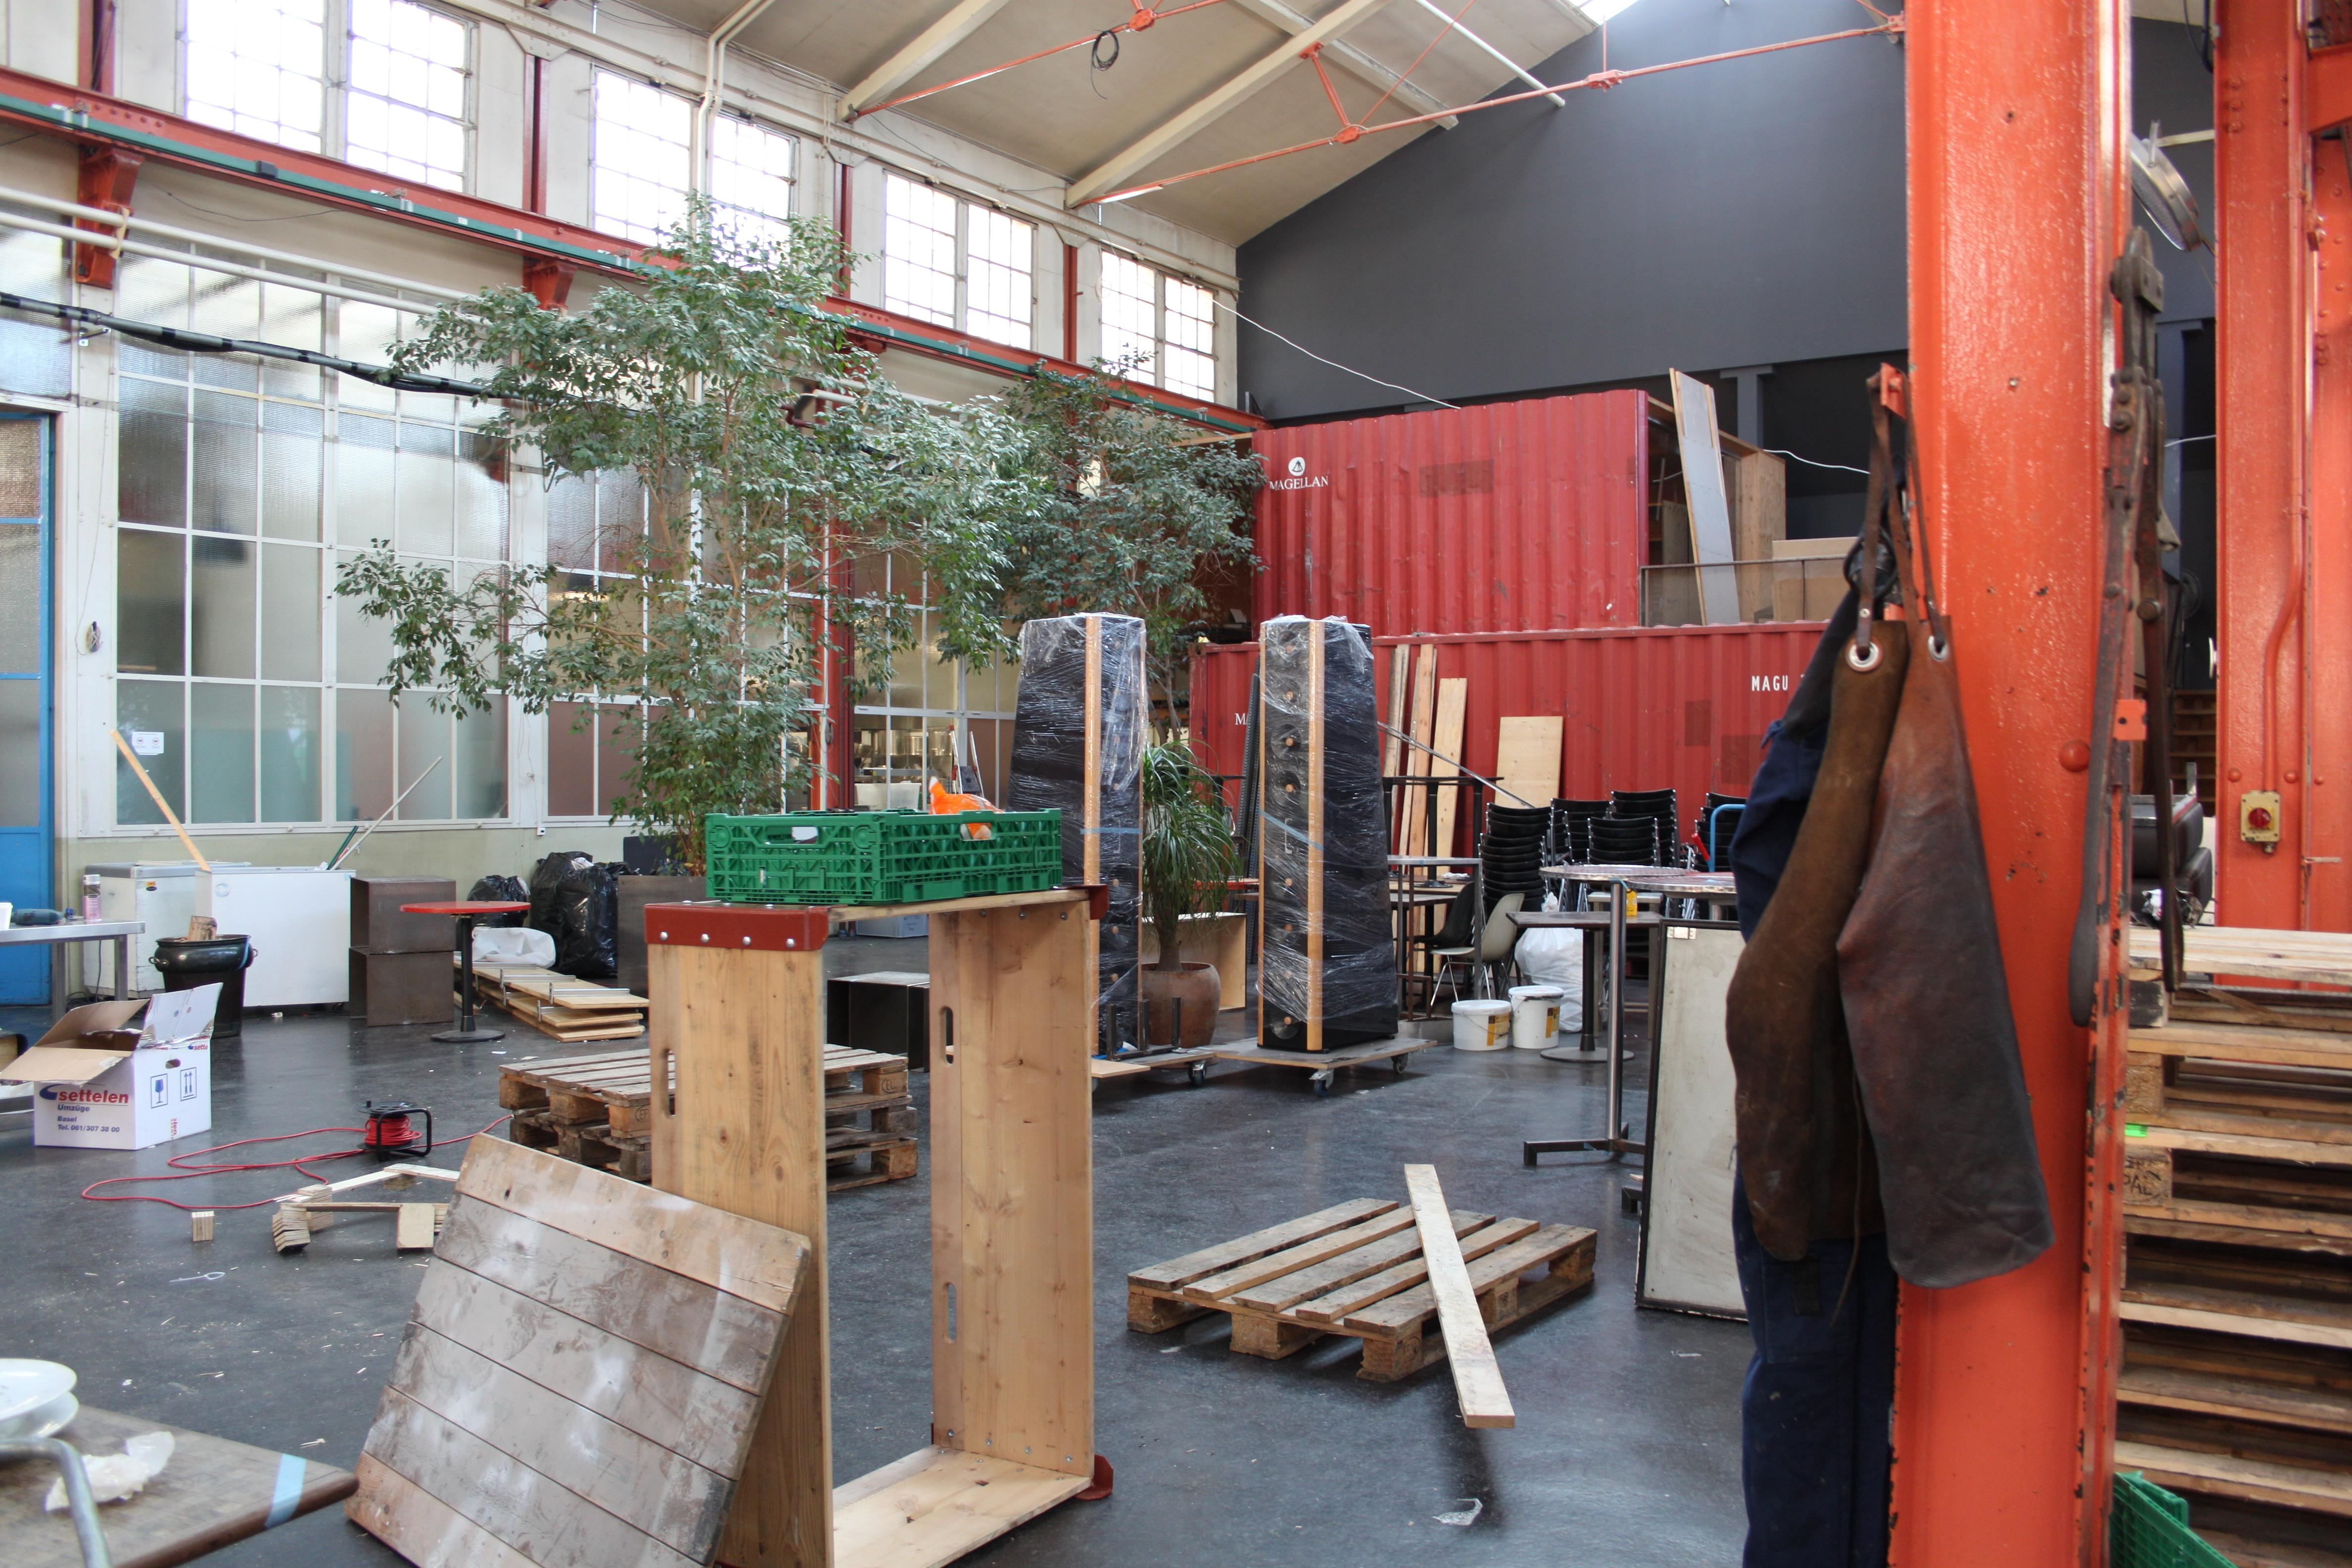 Ein Blick in die Halle des ehemaligen «eo ipso» am 09. Februar 2015. Inder Halle kräftig gewerkelt. Wie das Restaurant im Gundeldinger Feld bei der Wiedereröffnung aussehen wird, lässt sich aber noch immer nicht erahnen.